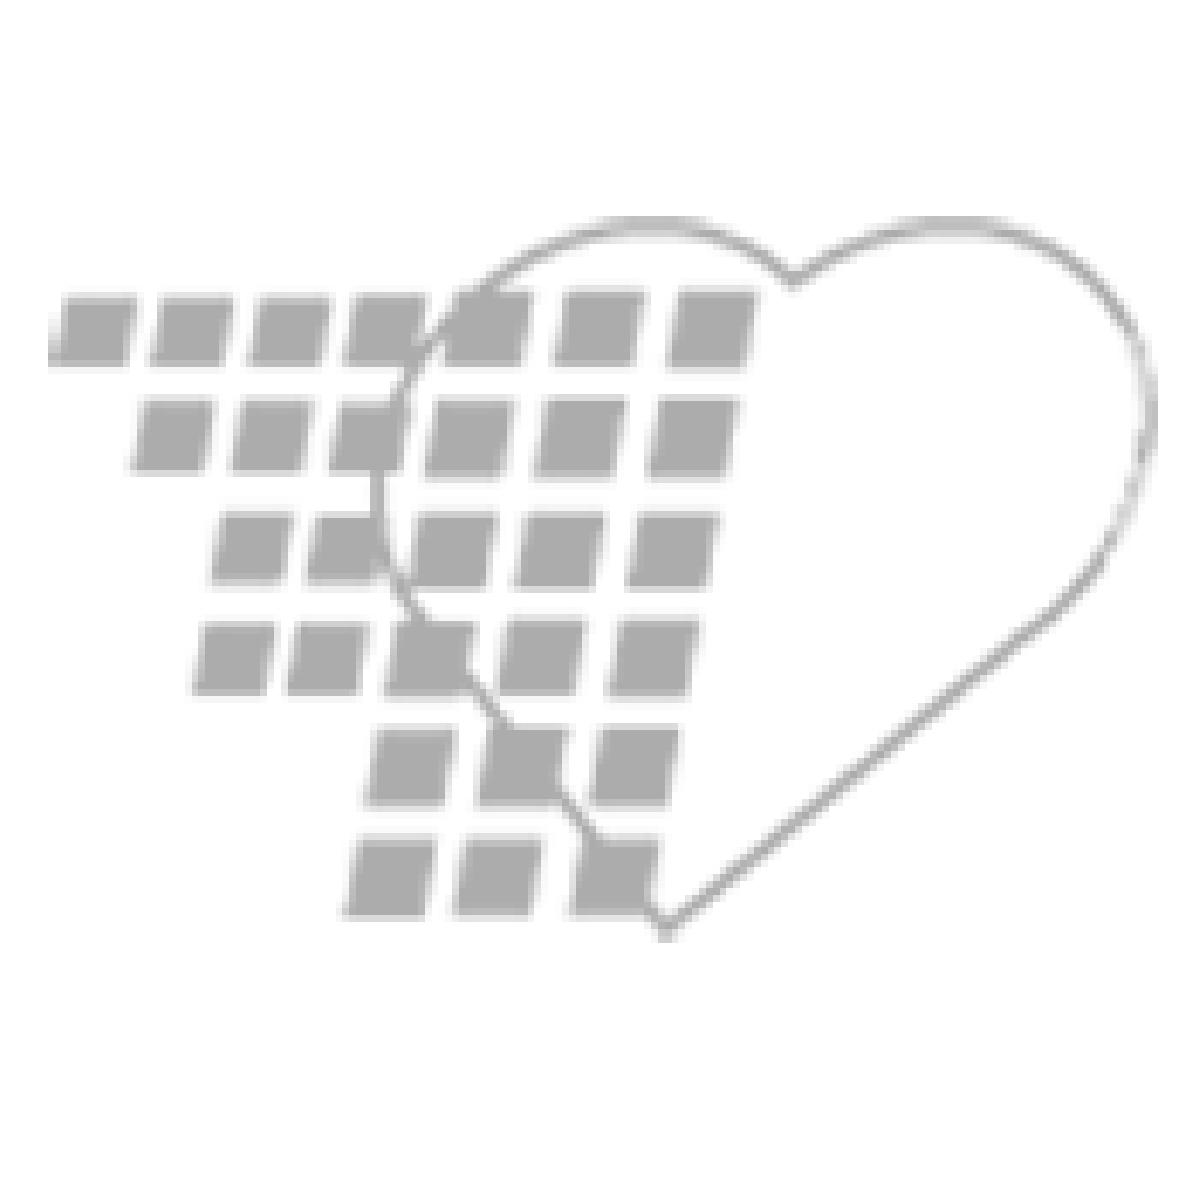 08-56-4110 Disposable Scalpels